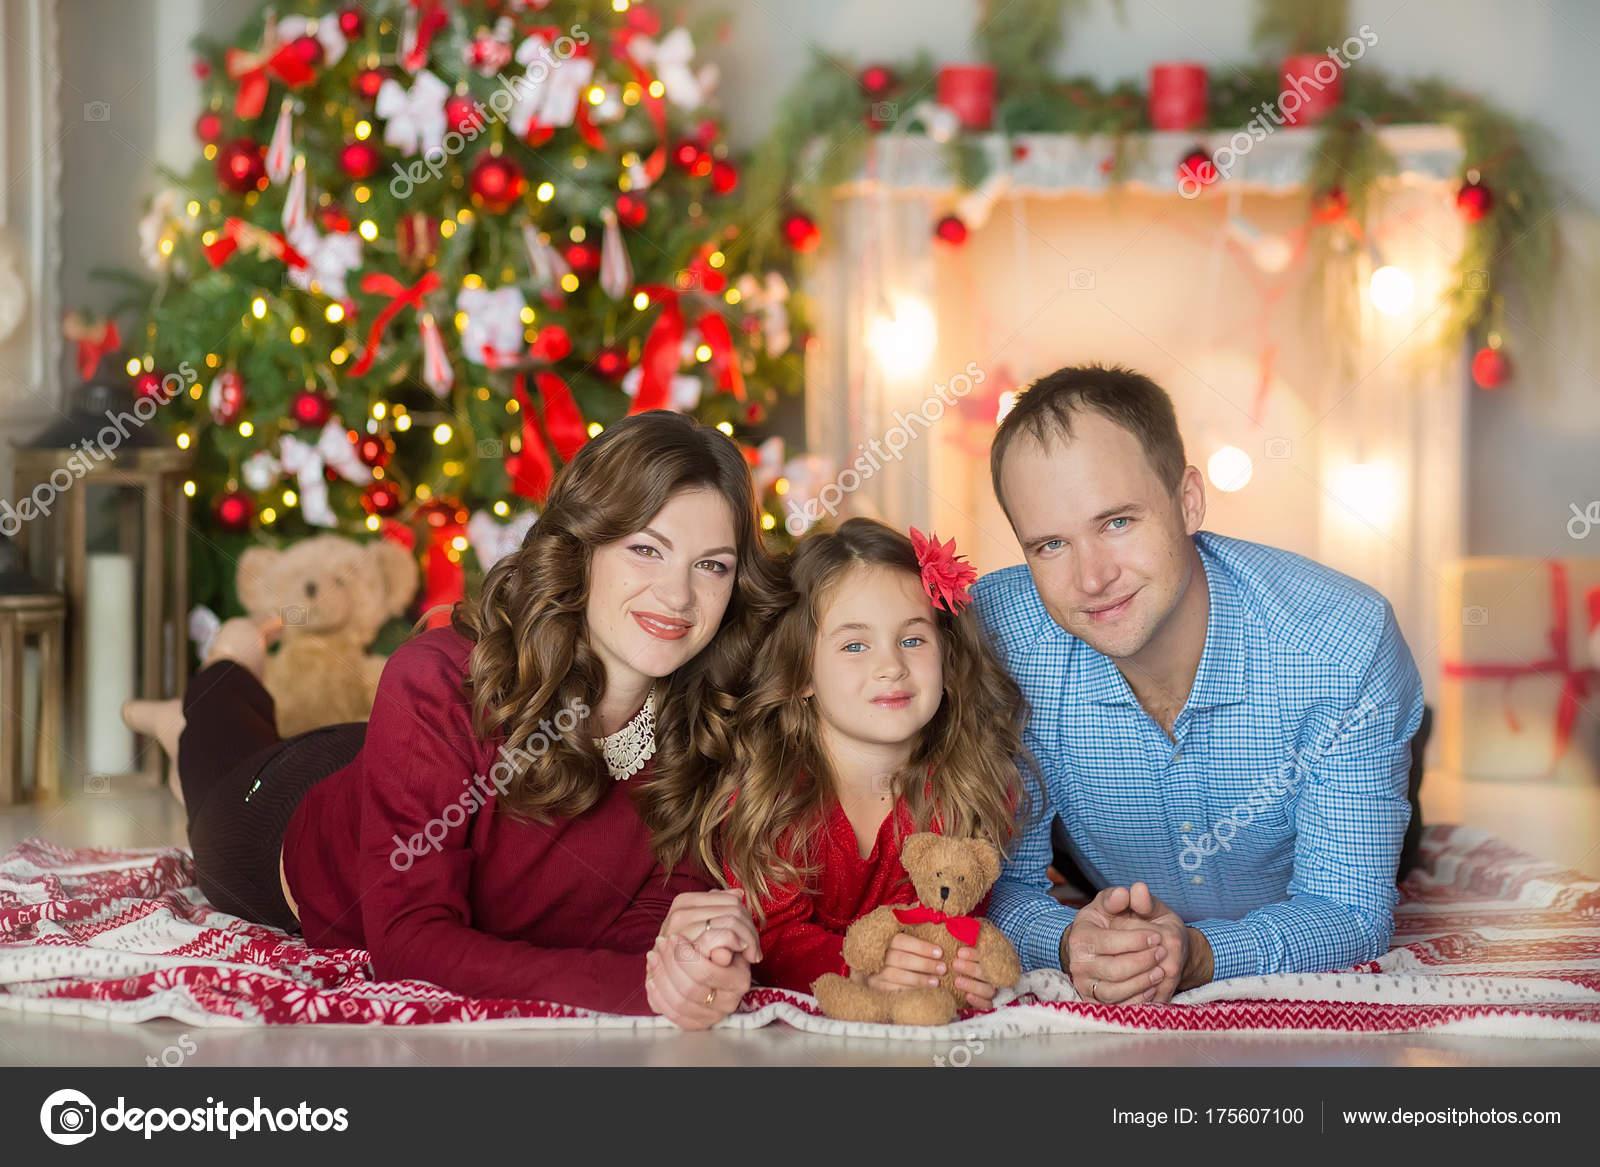 Geschenkideen Familie Weihnachten.Familie Am Heiligabend Am Kamin Kinder Weihnachten Geschenke öffnen